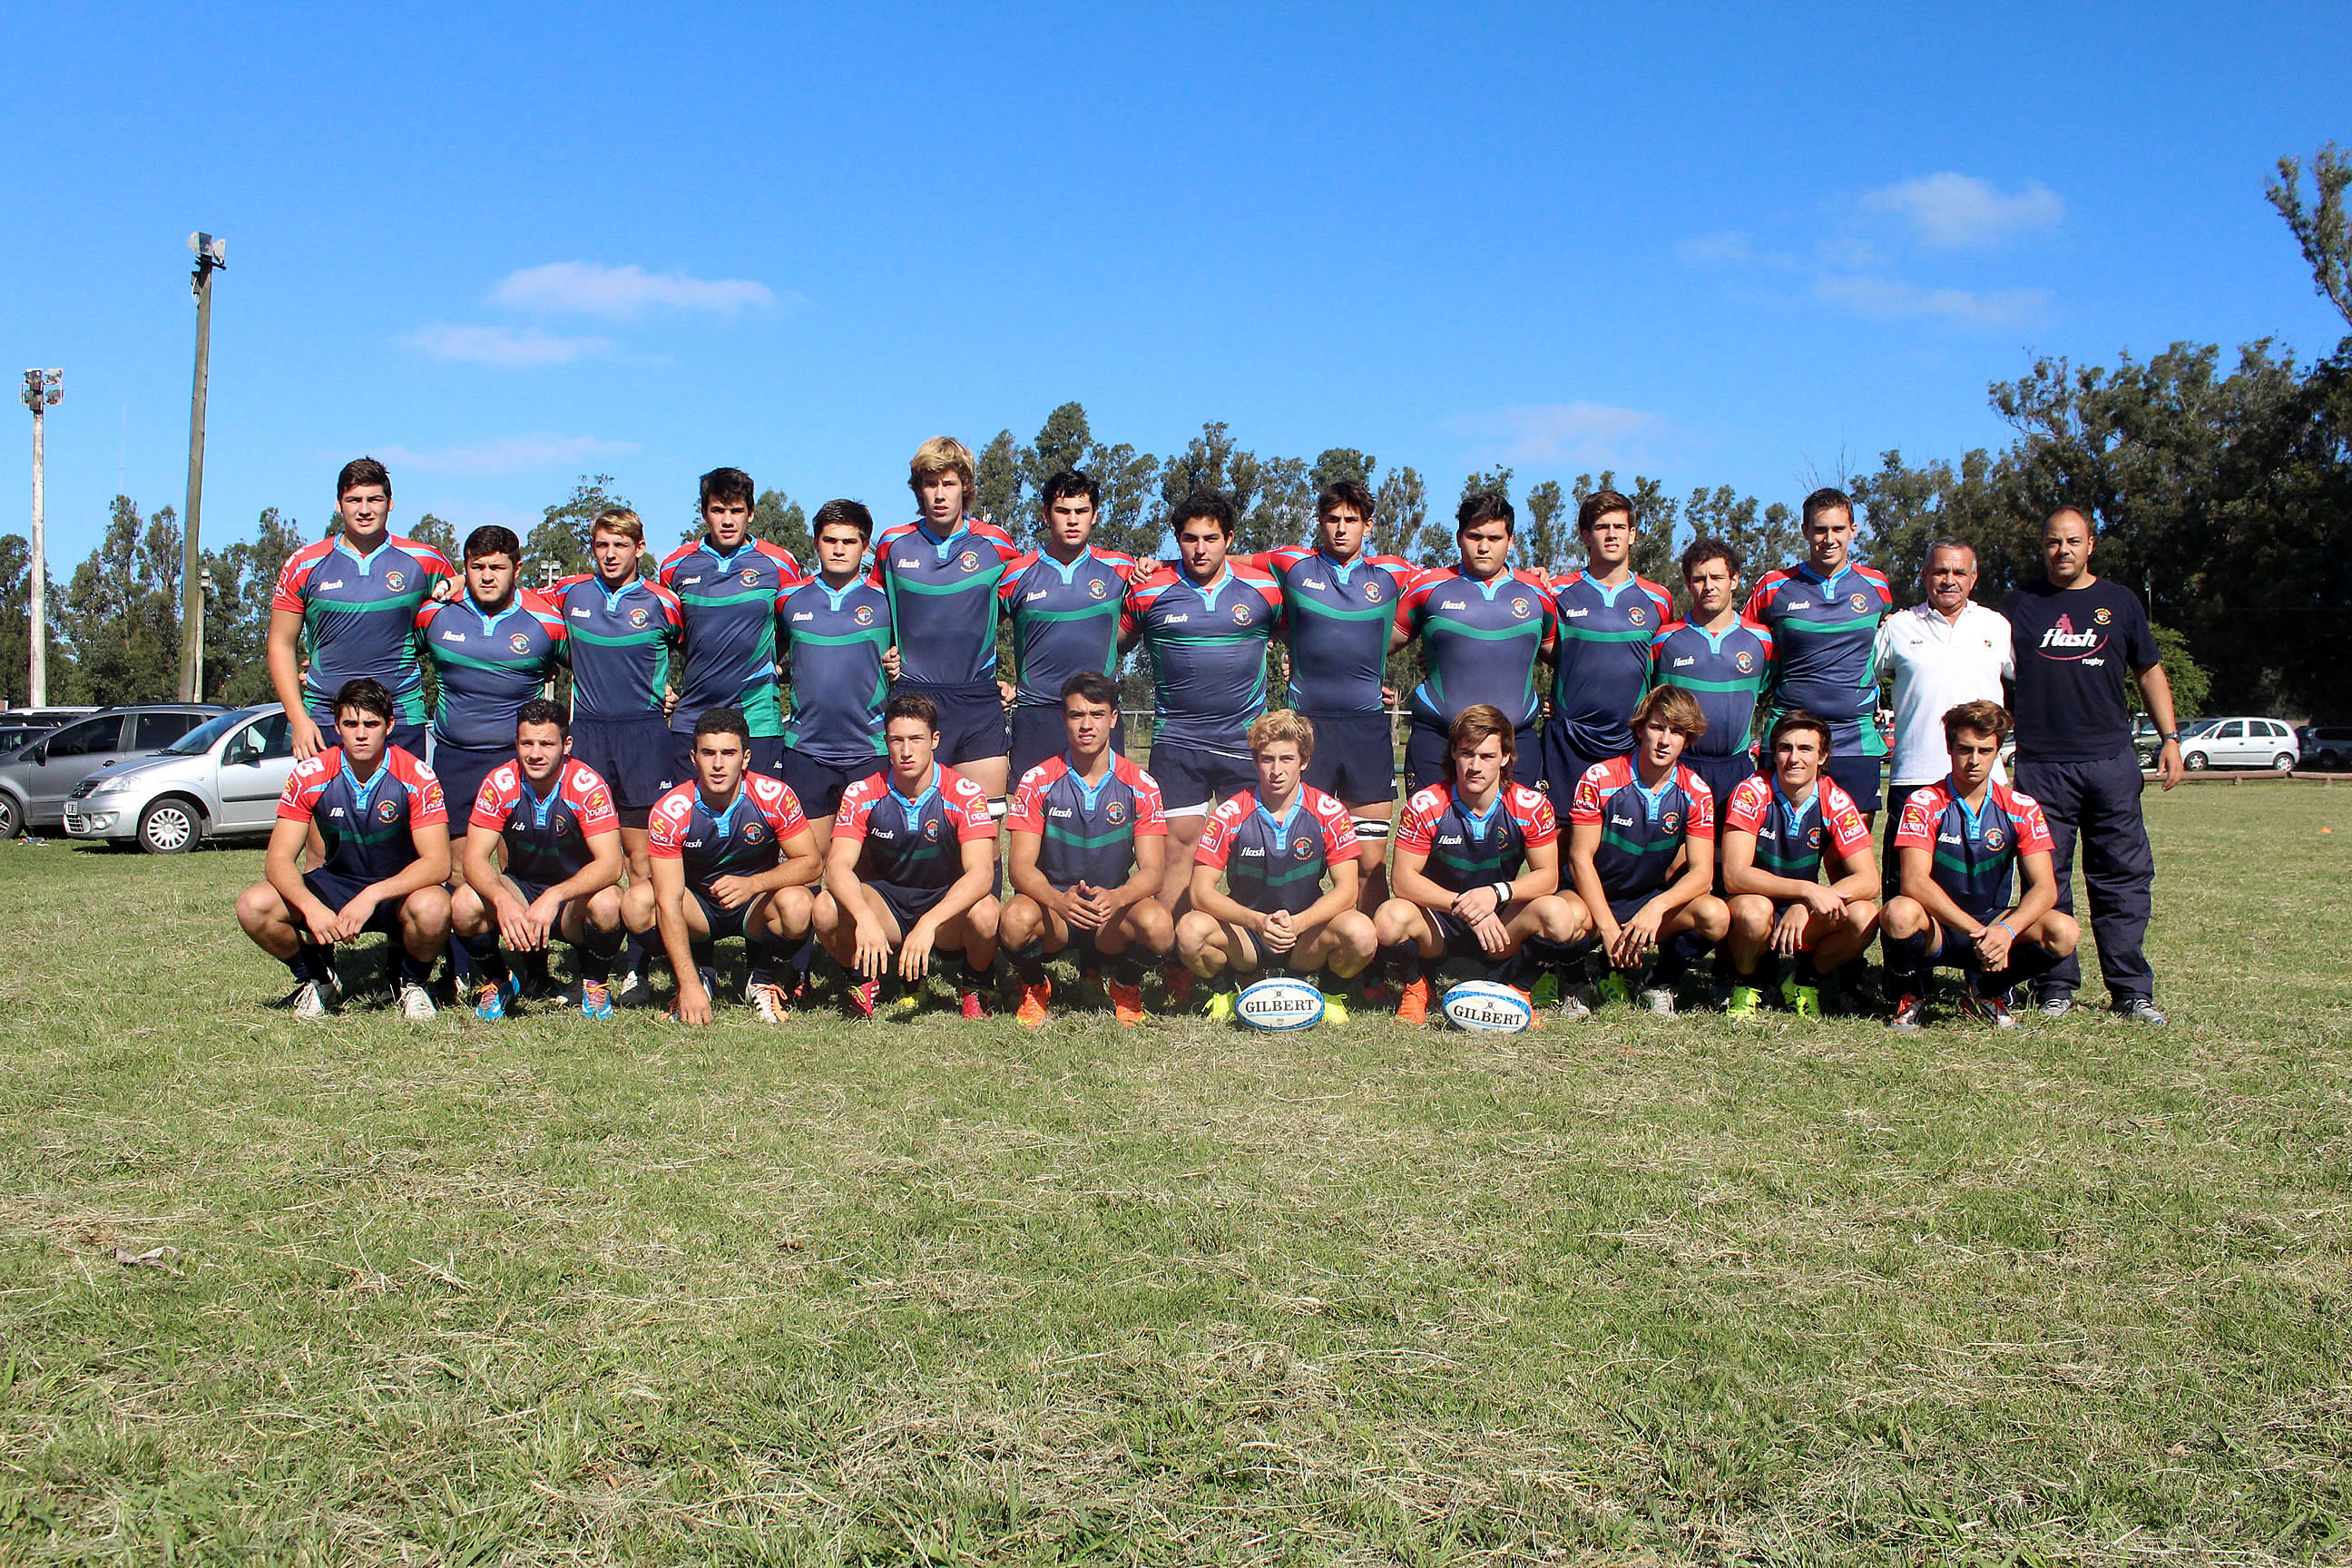 El plantel juvenil de la Unión de Rugby de Mar del Plata.